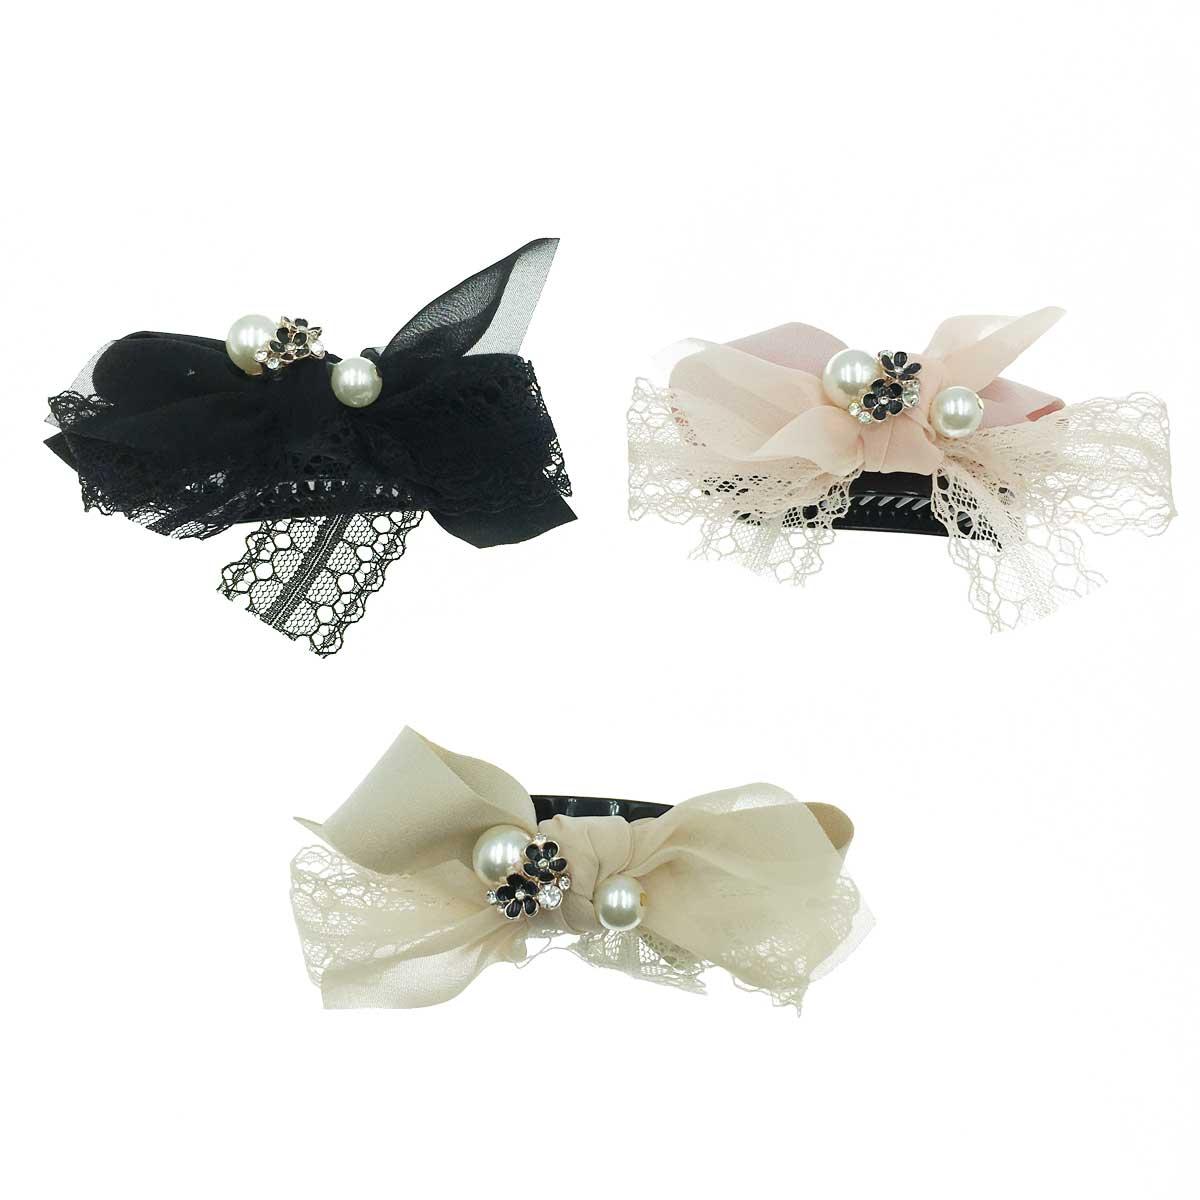 韓國 公主風 質感素面 蕾絲造型 珍珠質感馬尾夾